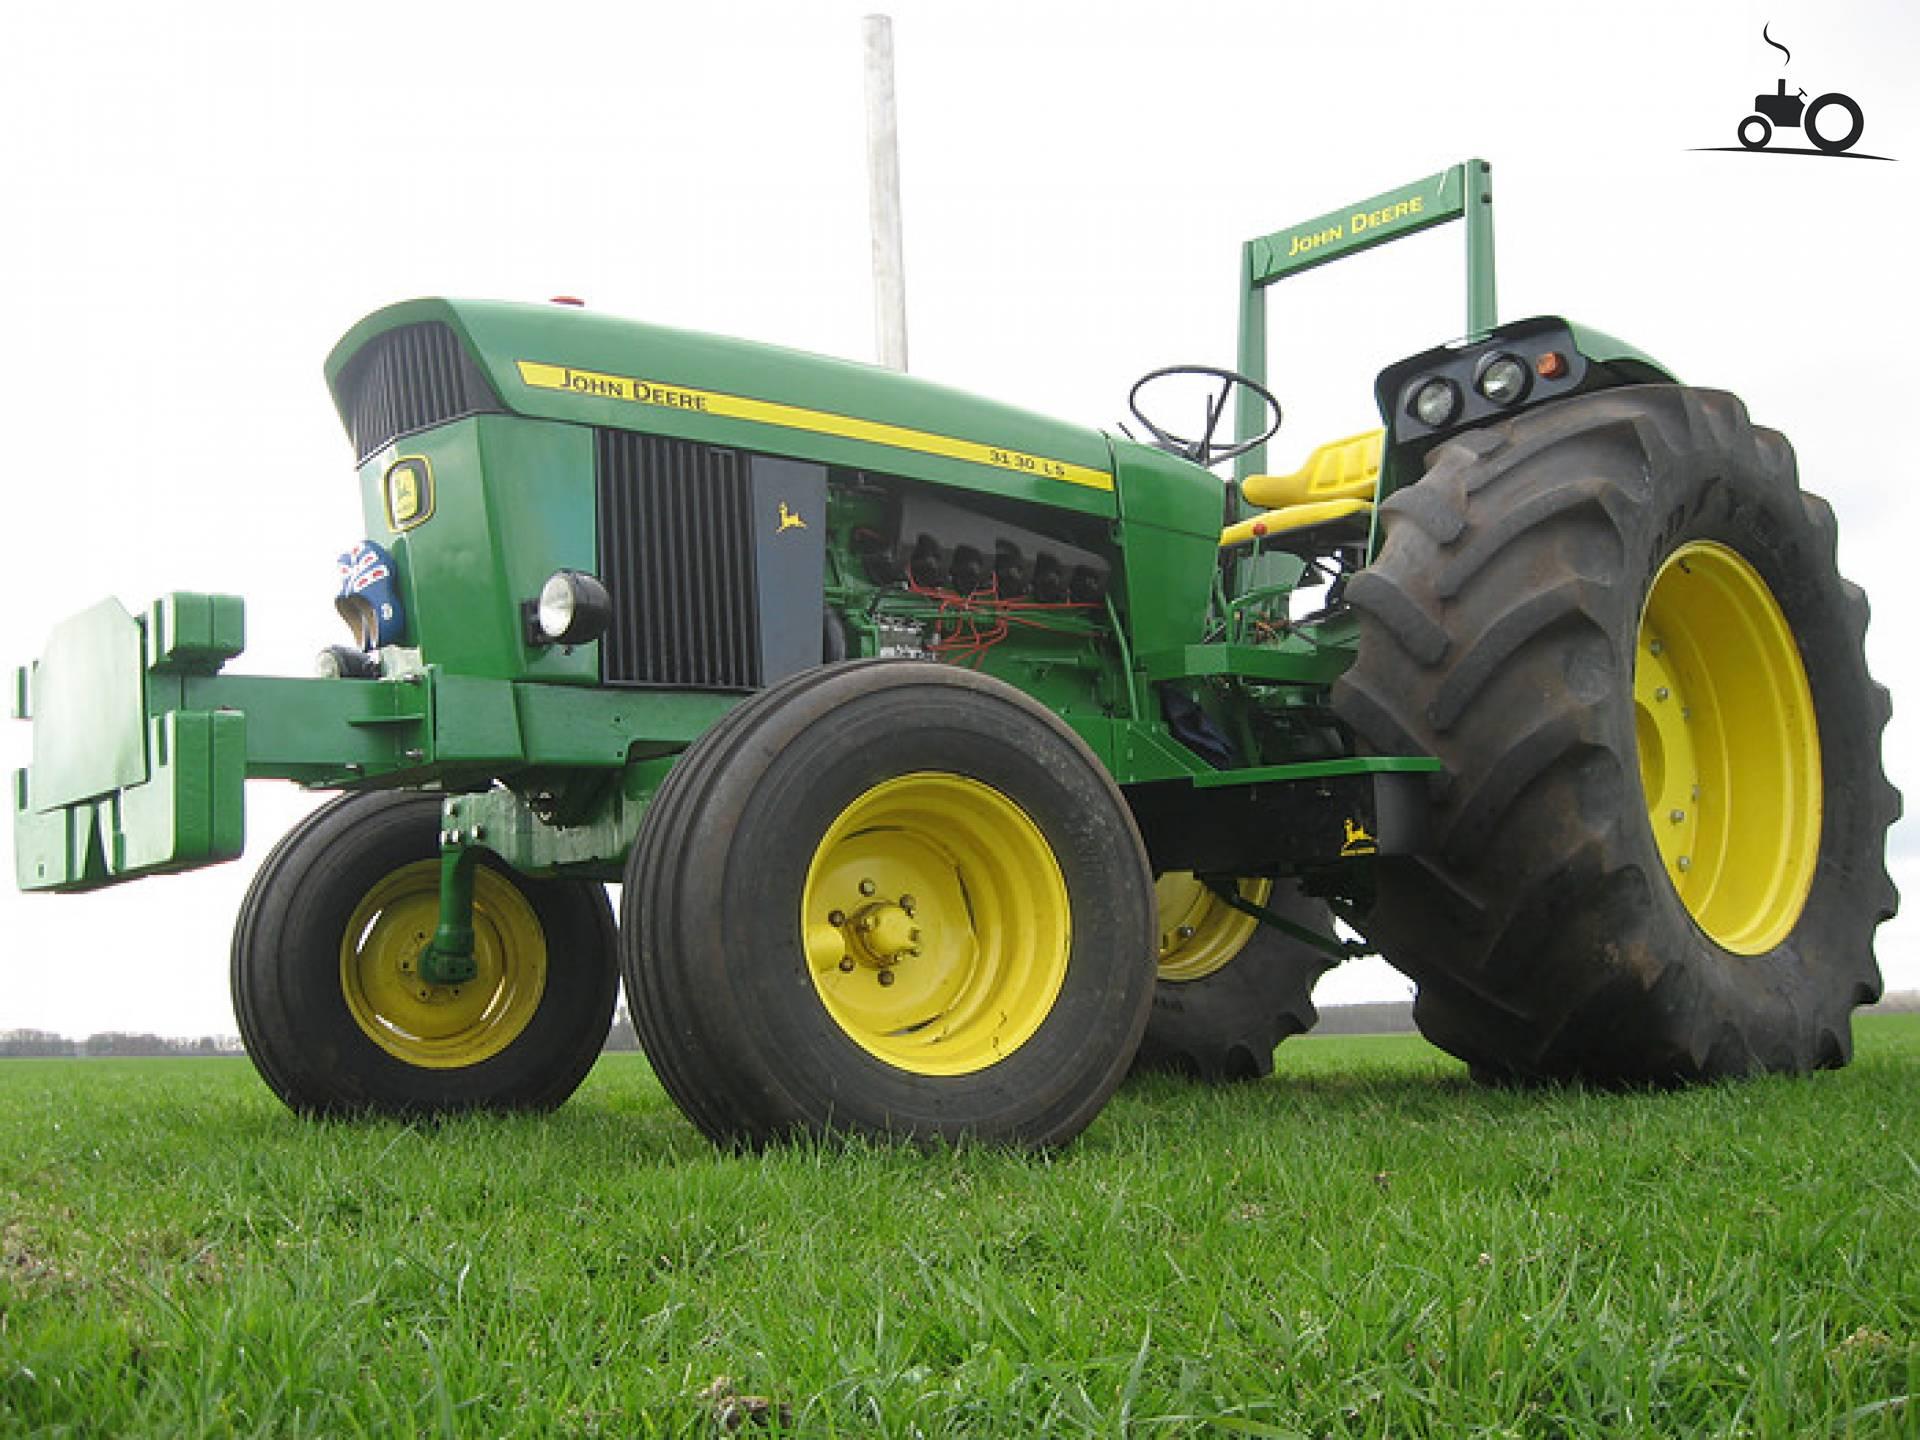 TractorData.com John Deere 3130 tractor photos inf